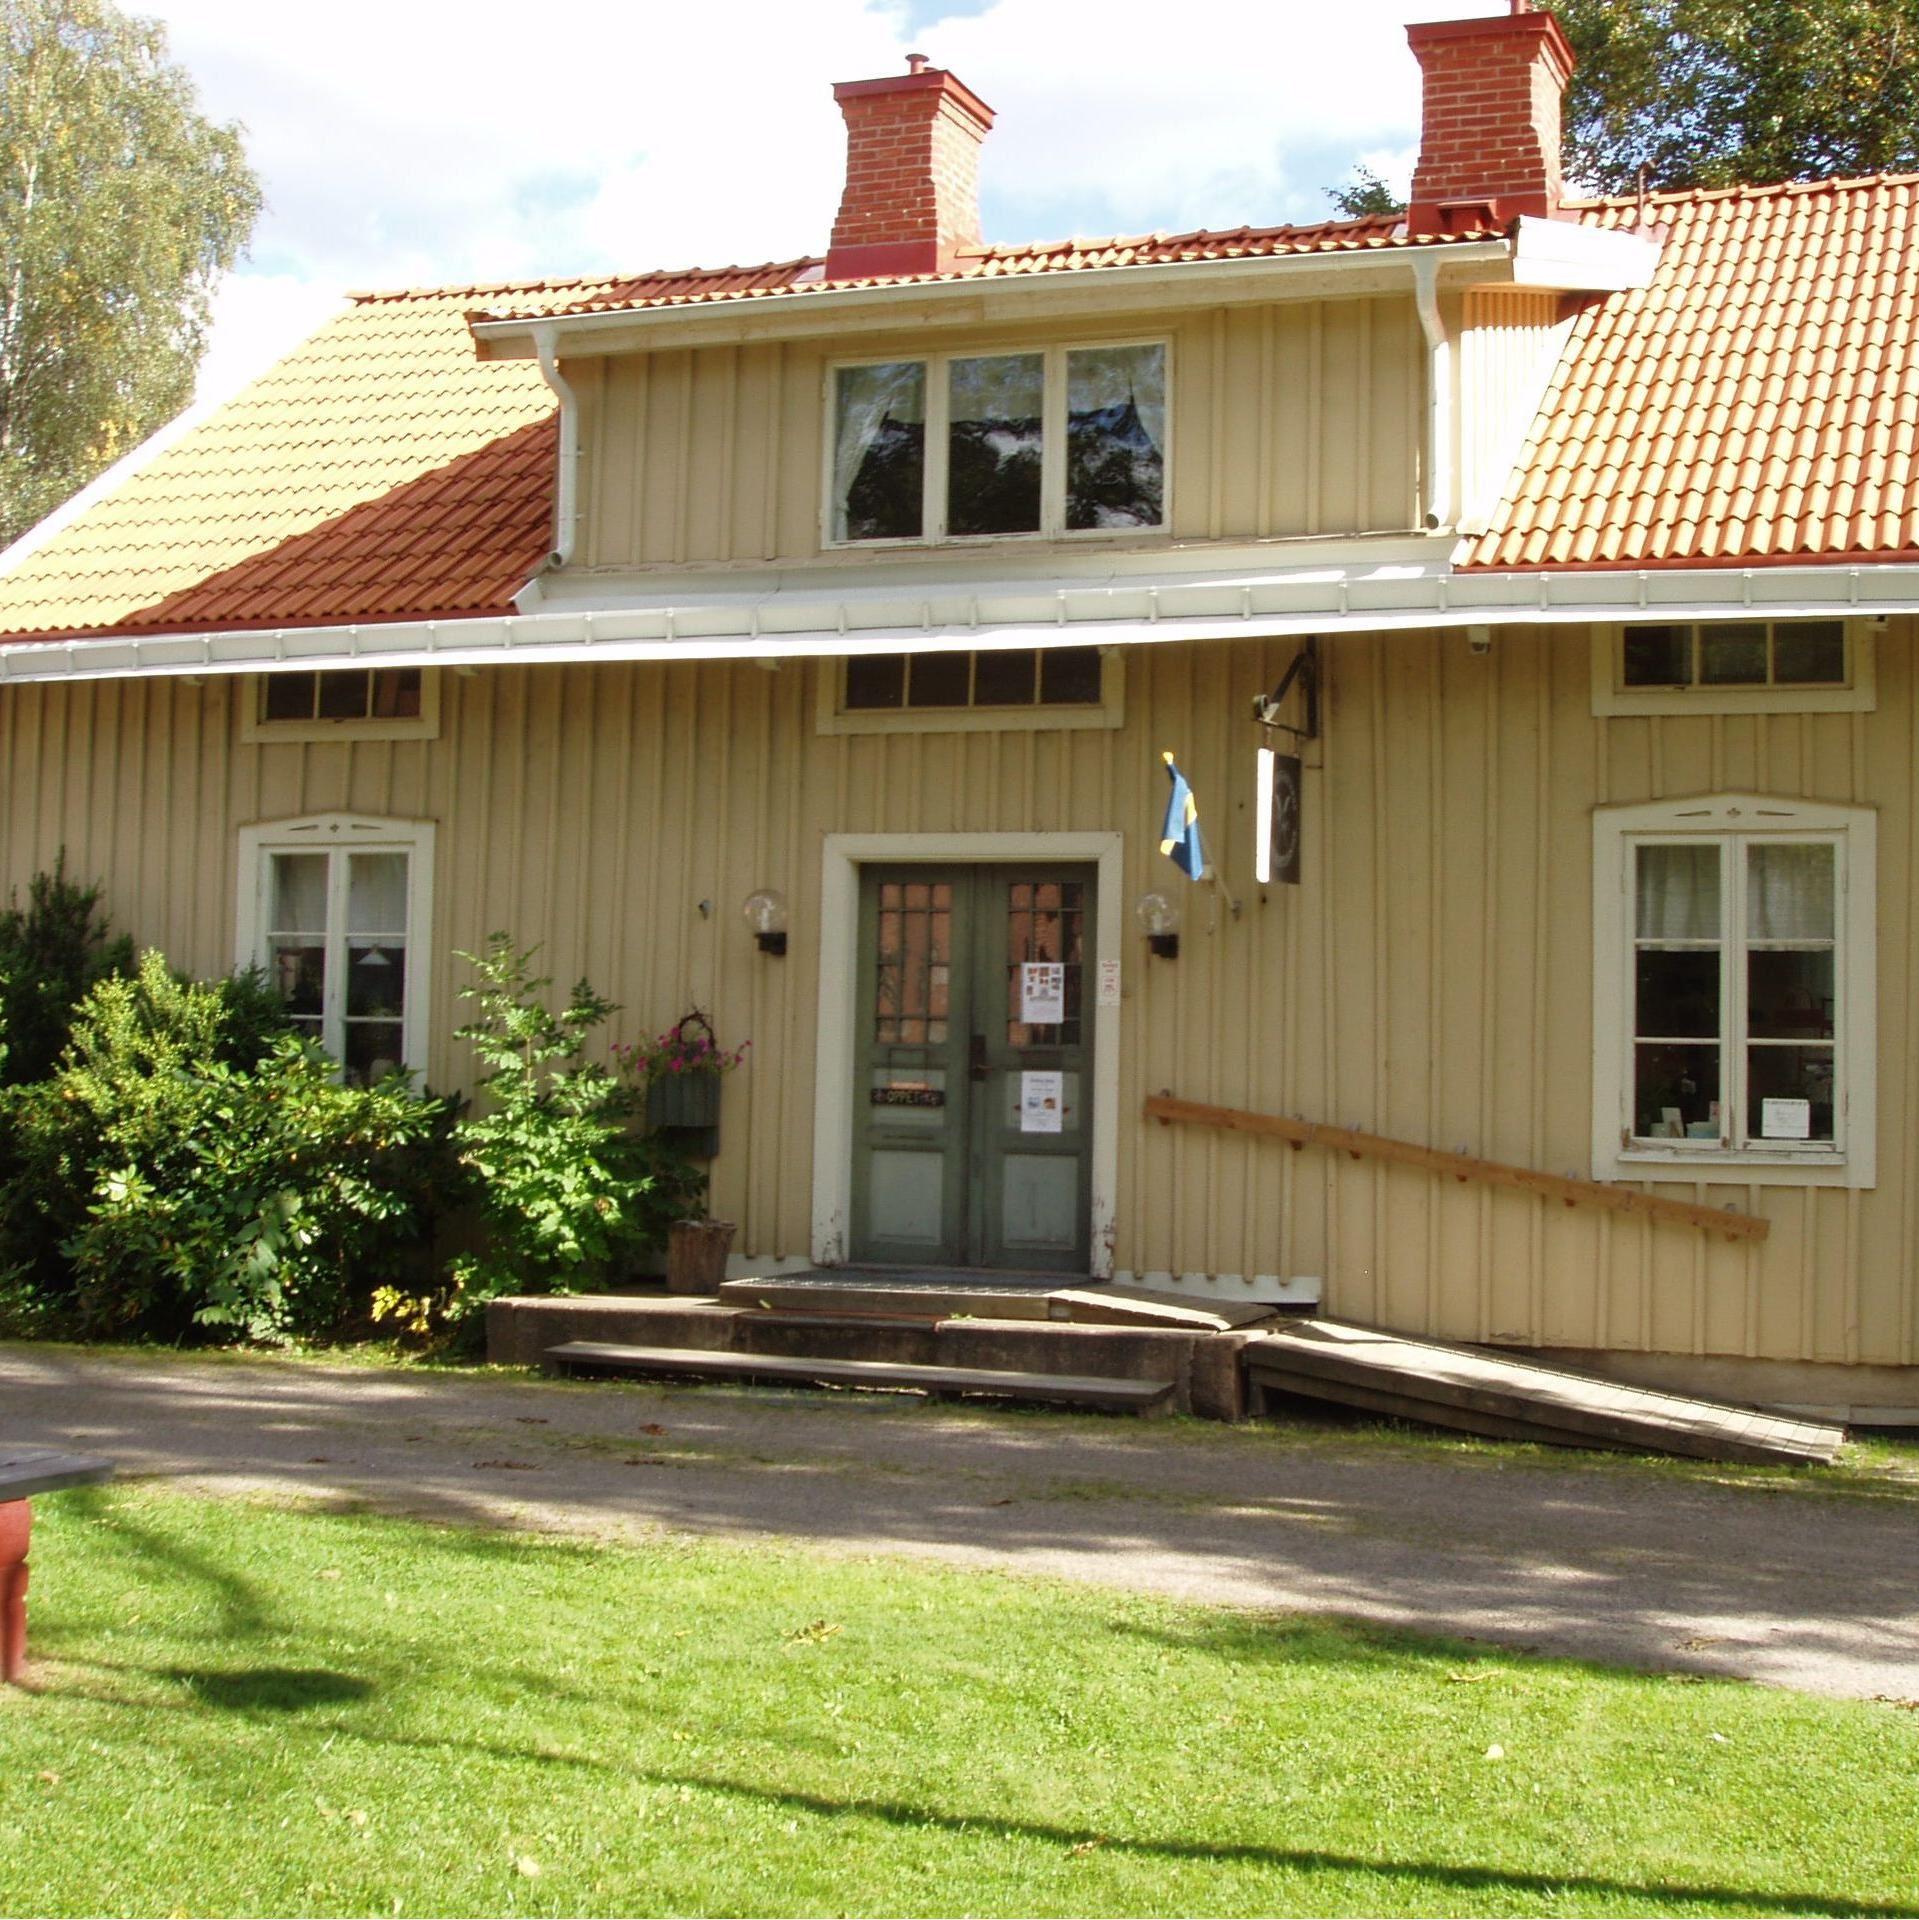 © Vetlanda Turistbyrå, Hantverksgården, Vetlanda